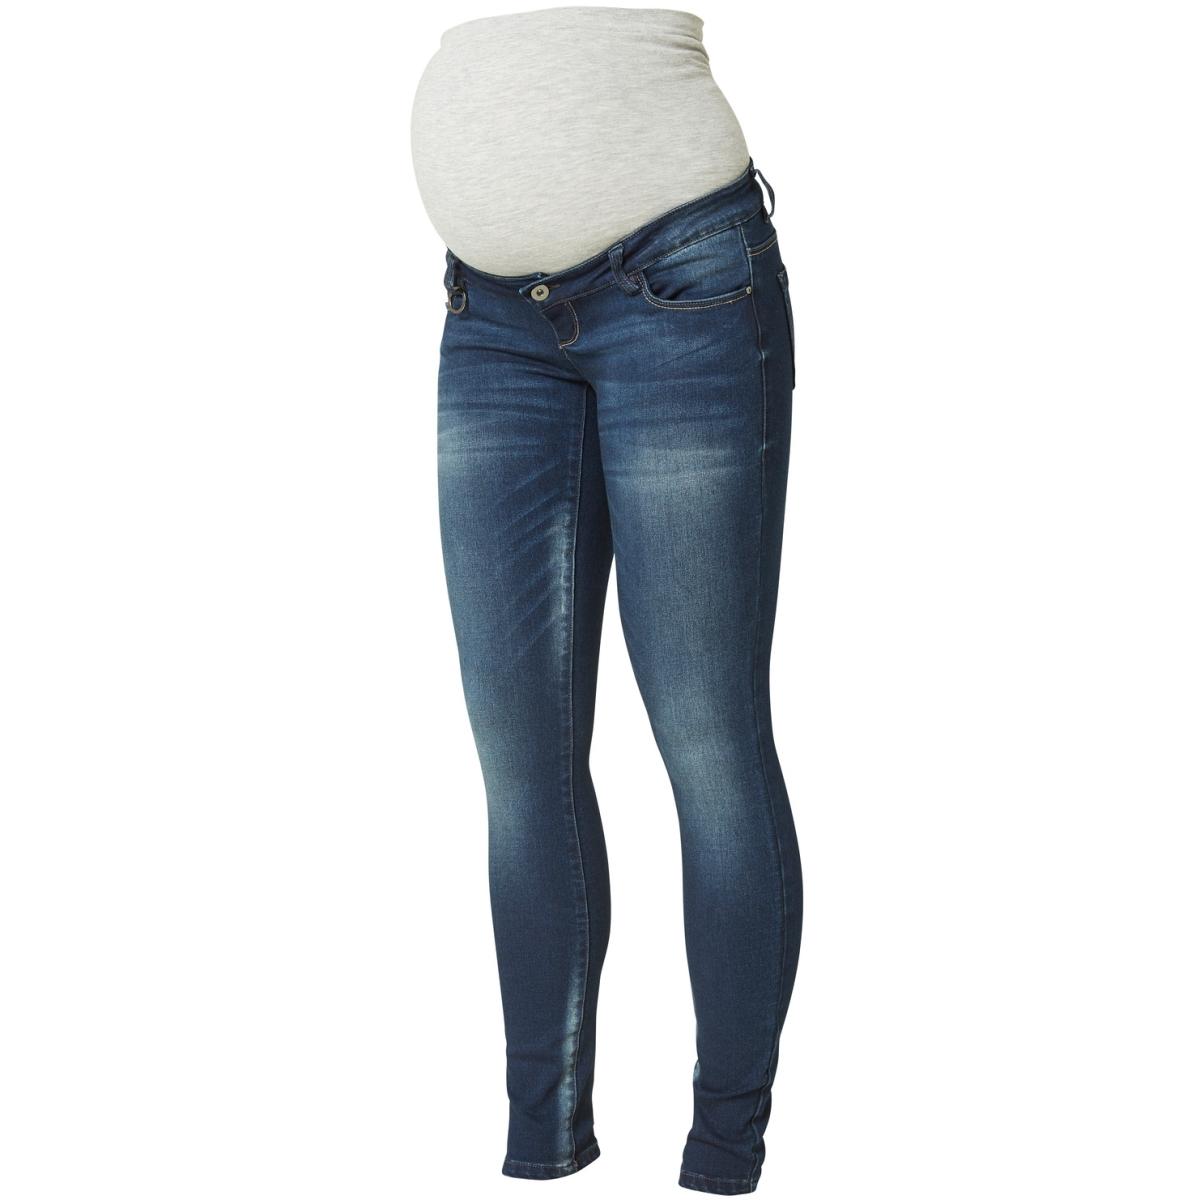 mljune slim jeans 20007643 mama-licious positie broek dark blue denim